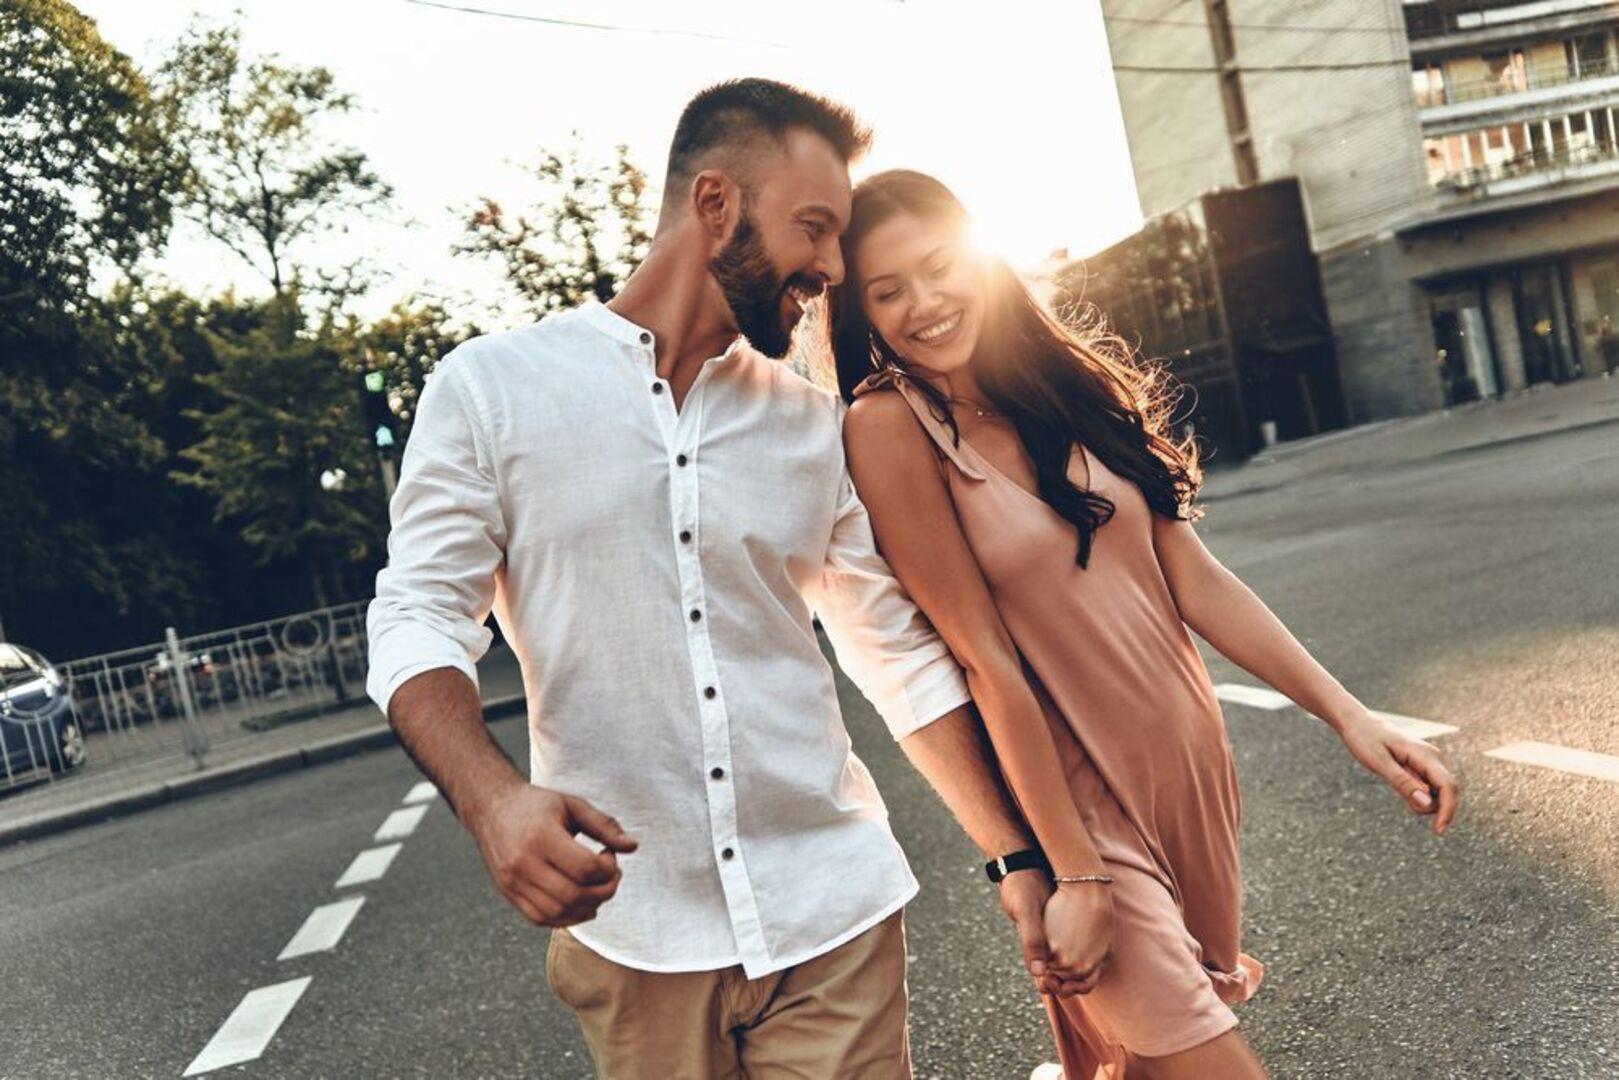 turbo dating lyon spørgsmål til at spørge online dating